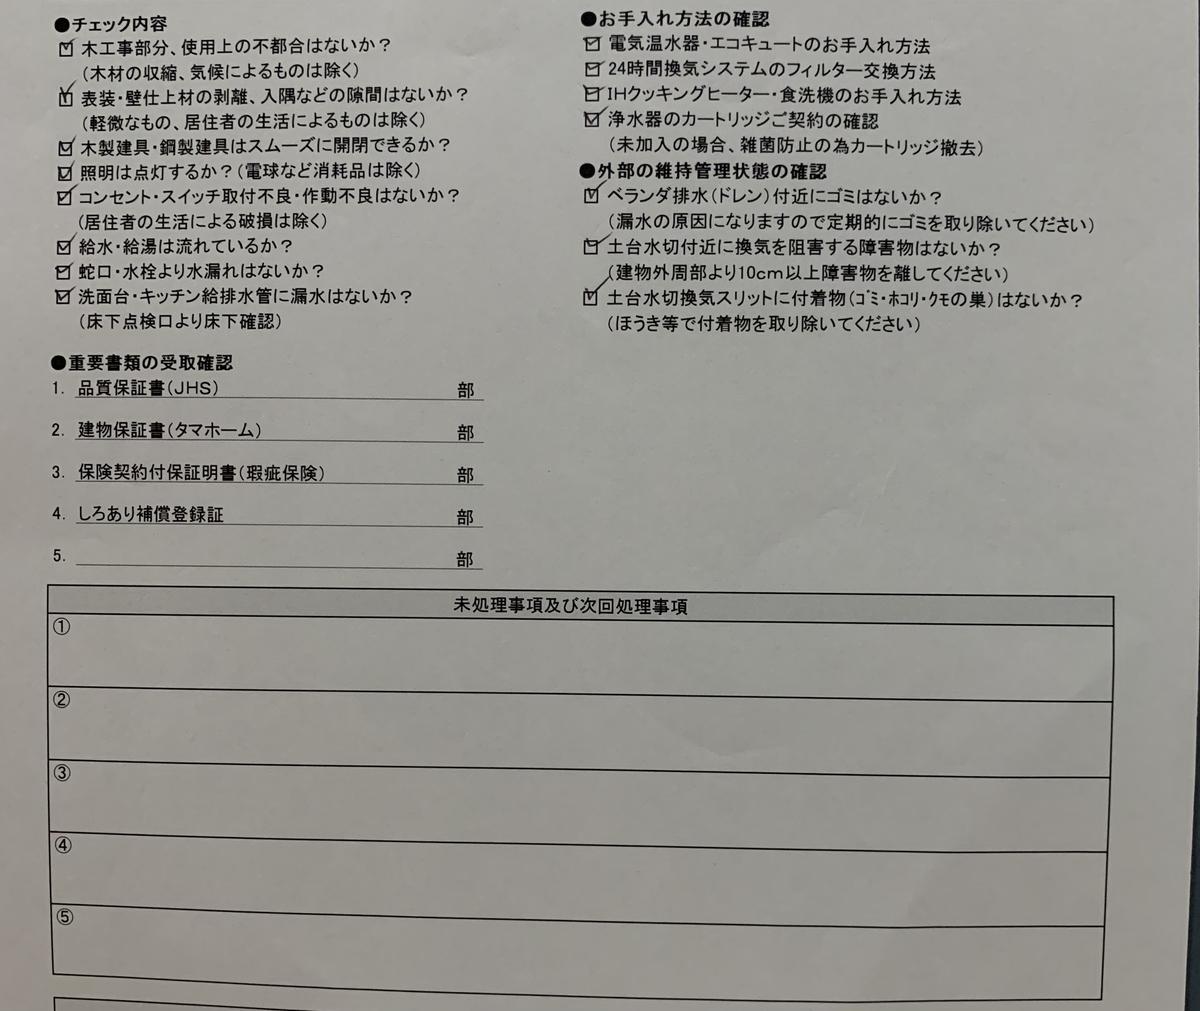 f:id:suzu20132013:20210620060713j:plain